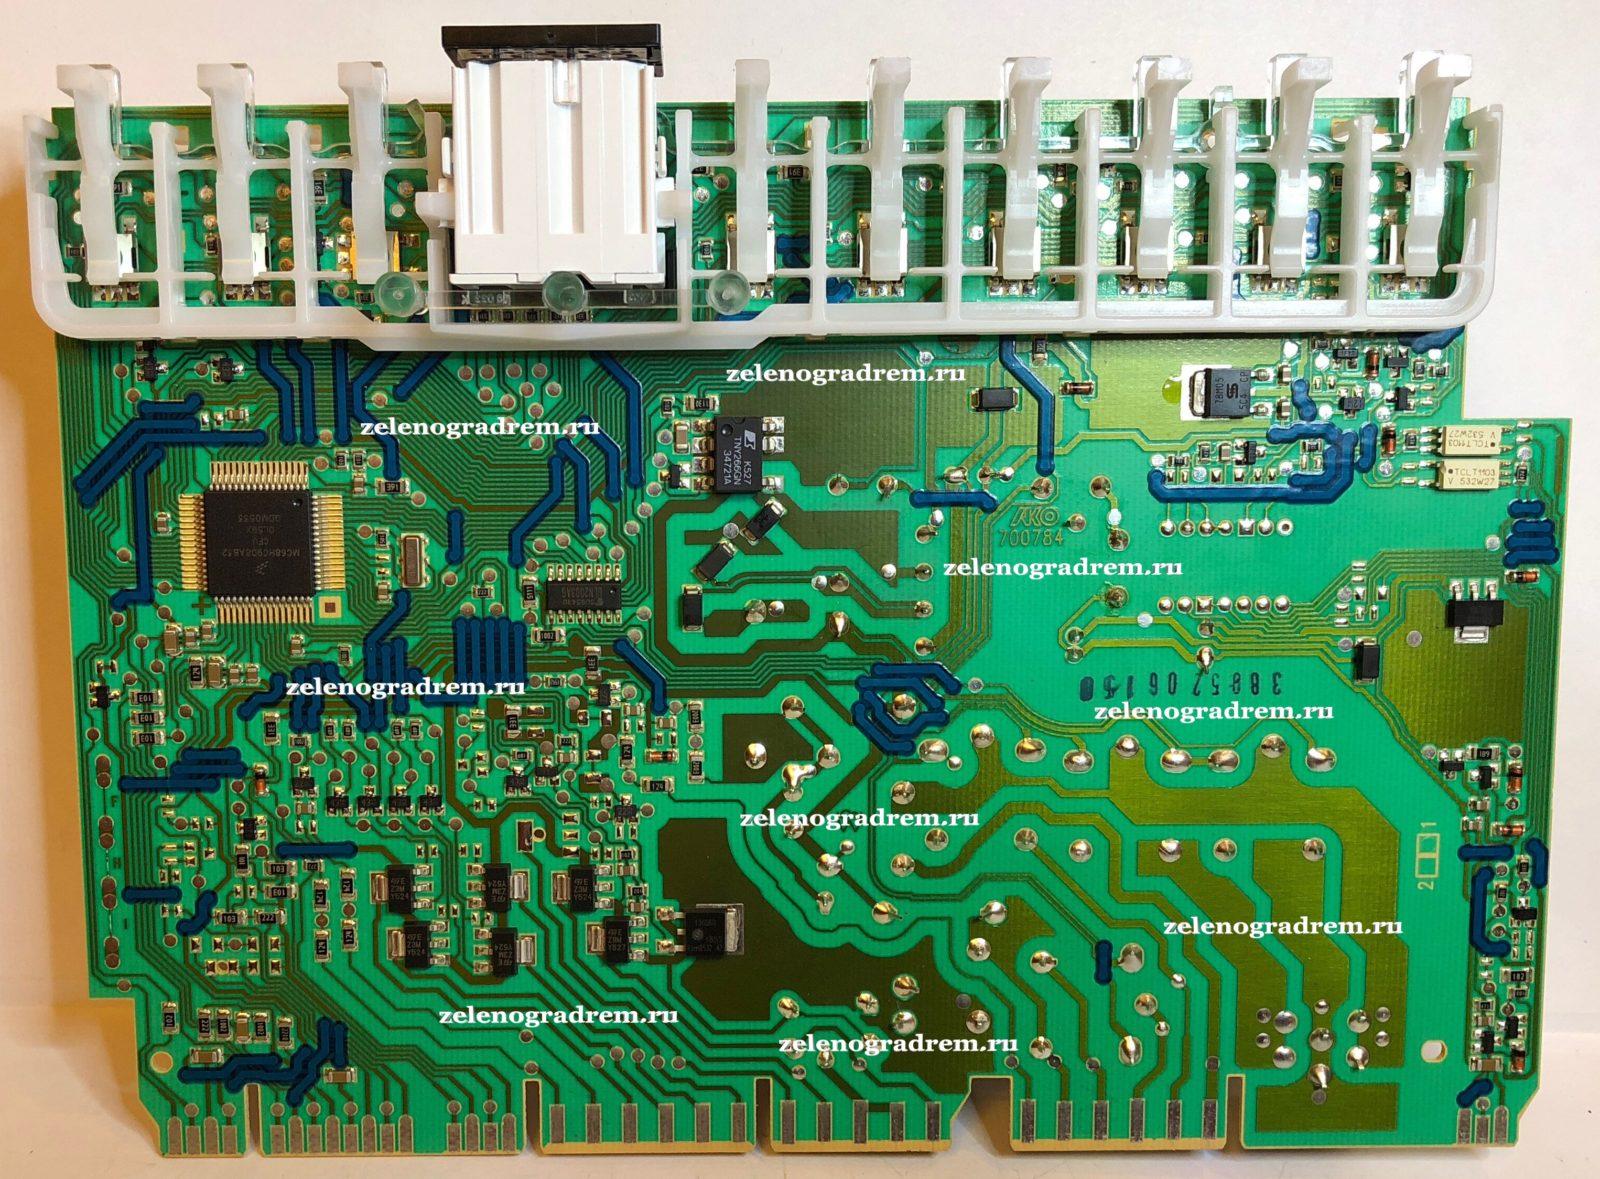 Электронный Модуль Посудомоечной Машины Bosch   Ремонт Стиральных Машин В Зеленограде На Дому